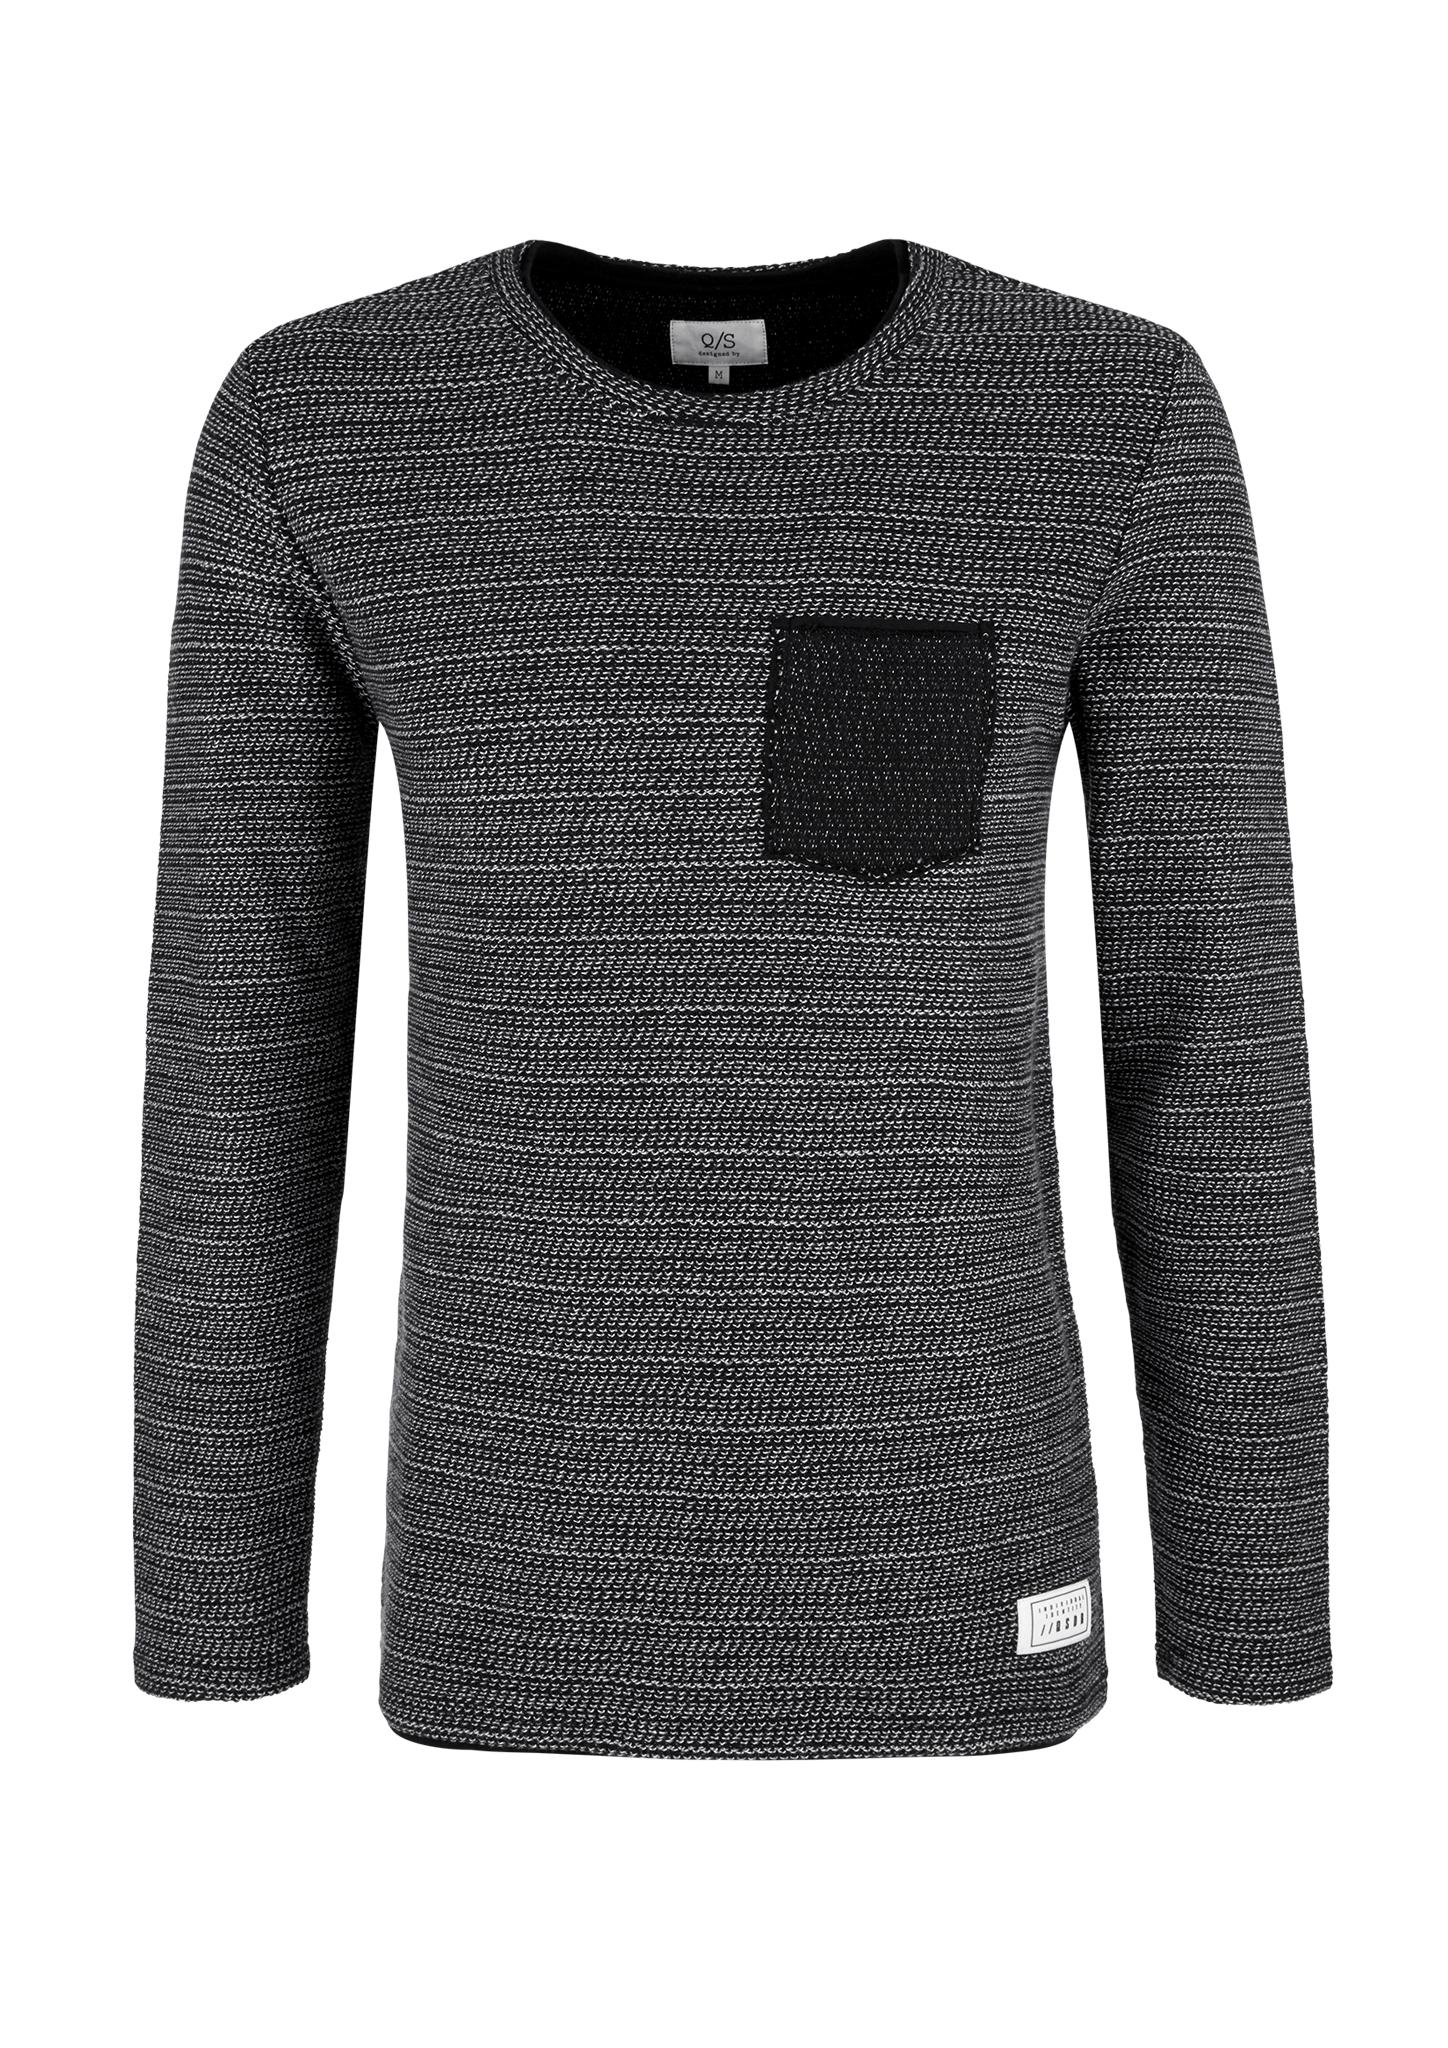 Sweatshirt | Bekleidung > Sweatshirts & -jacken > Sweatshirts | Grau/schwarz | 100% baumwolle | Q/S designed by